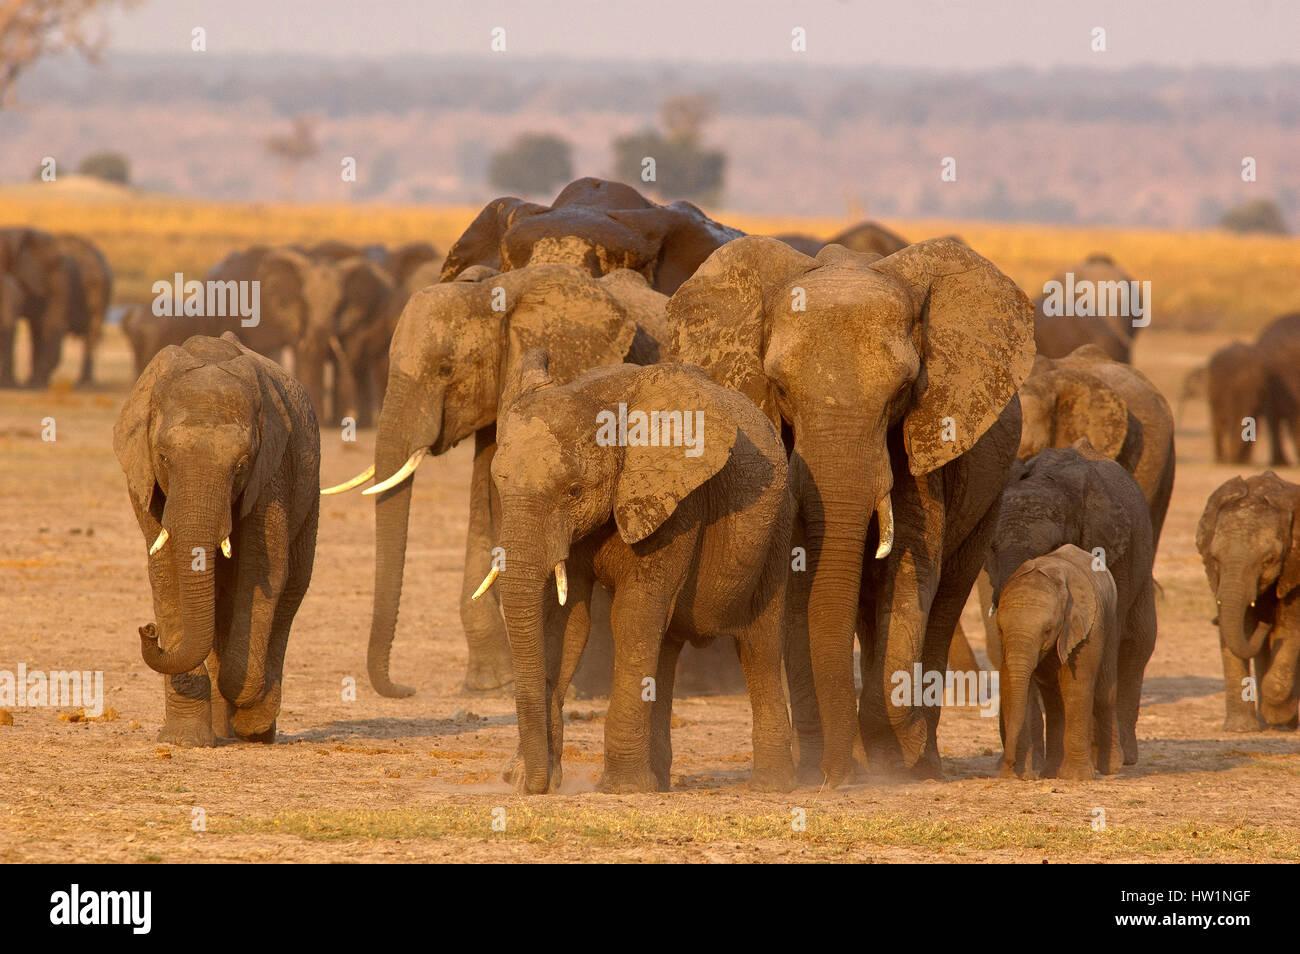 Elephants at Chobe river, Chobe National Park, Botswana - Stock Image